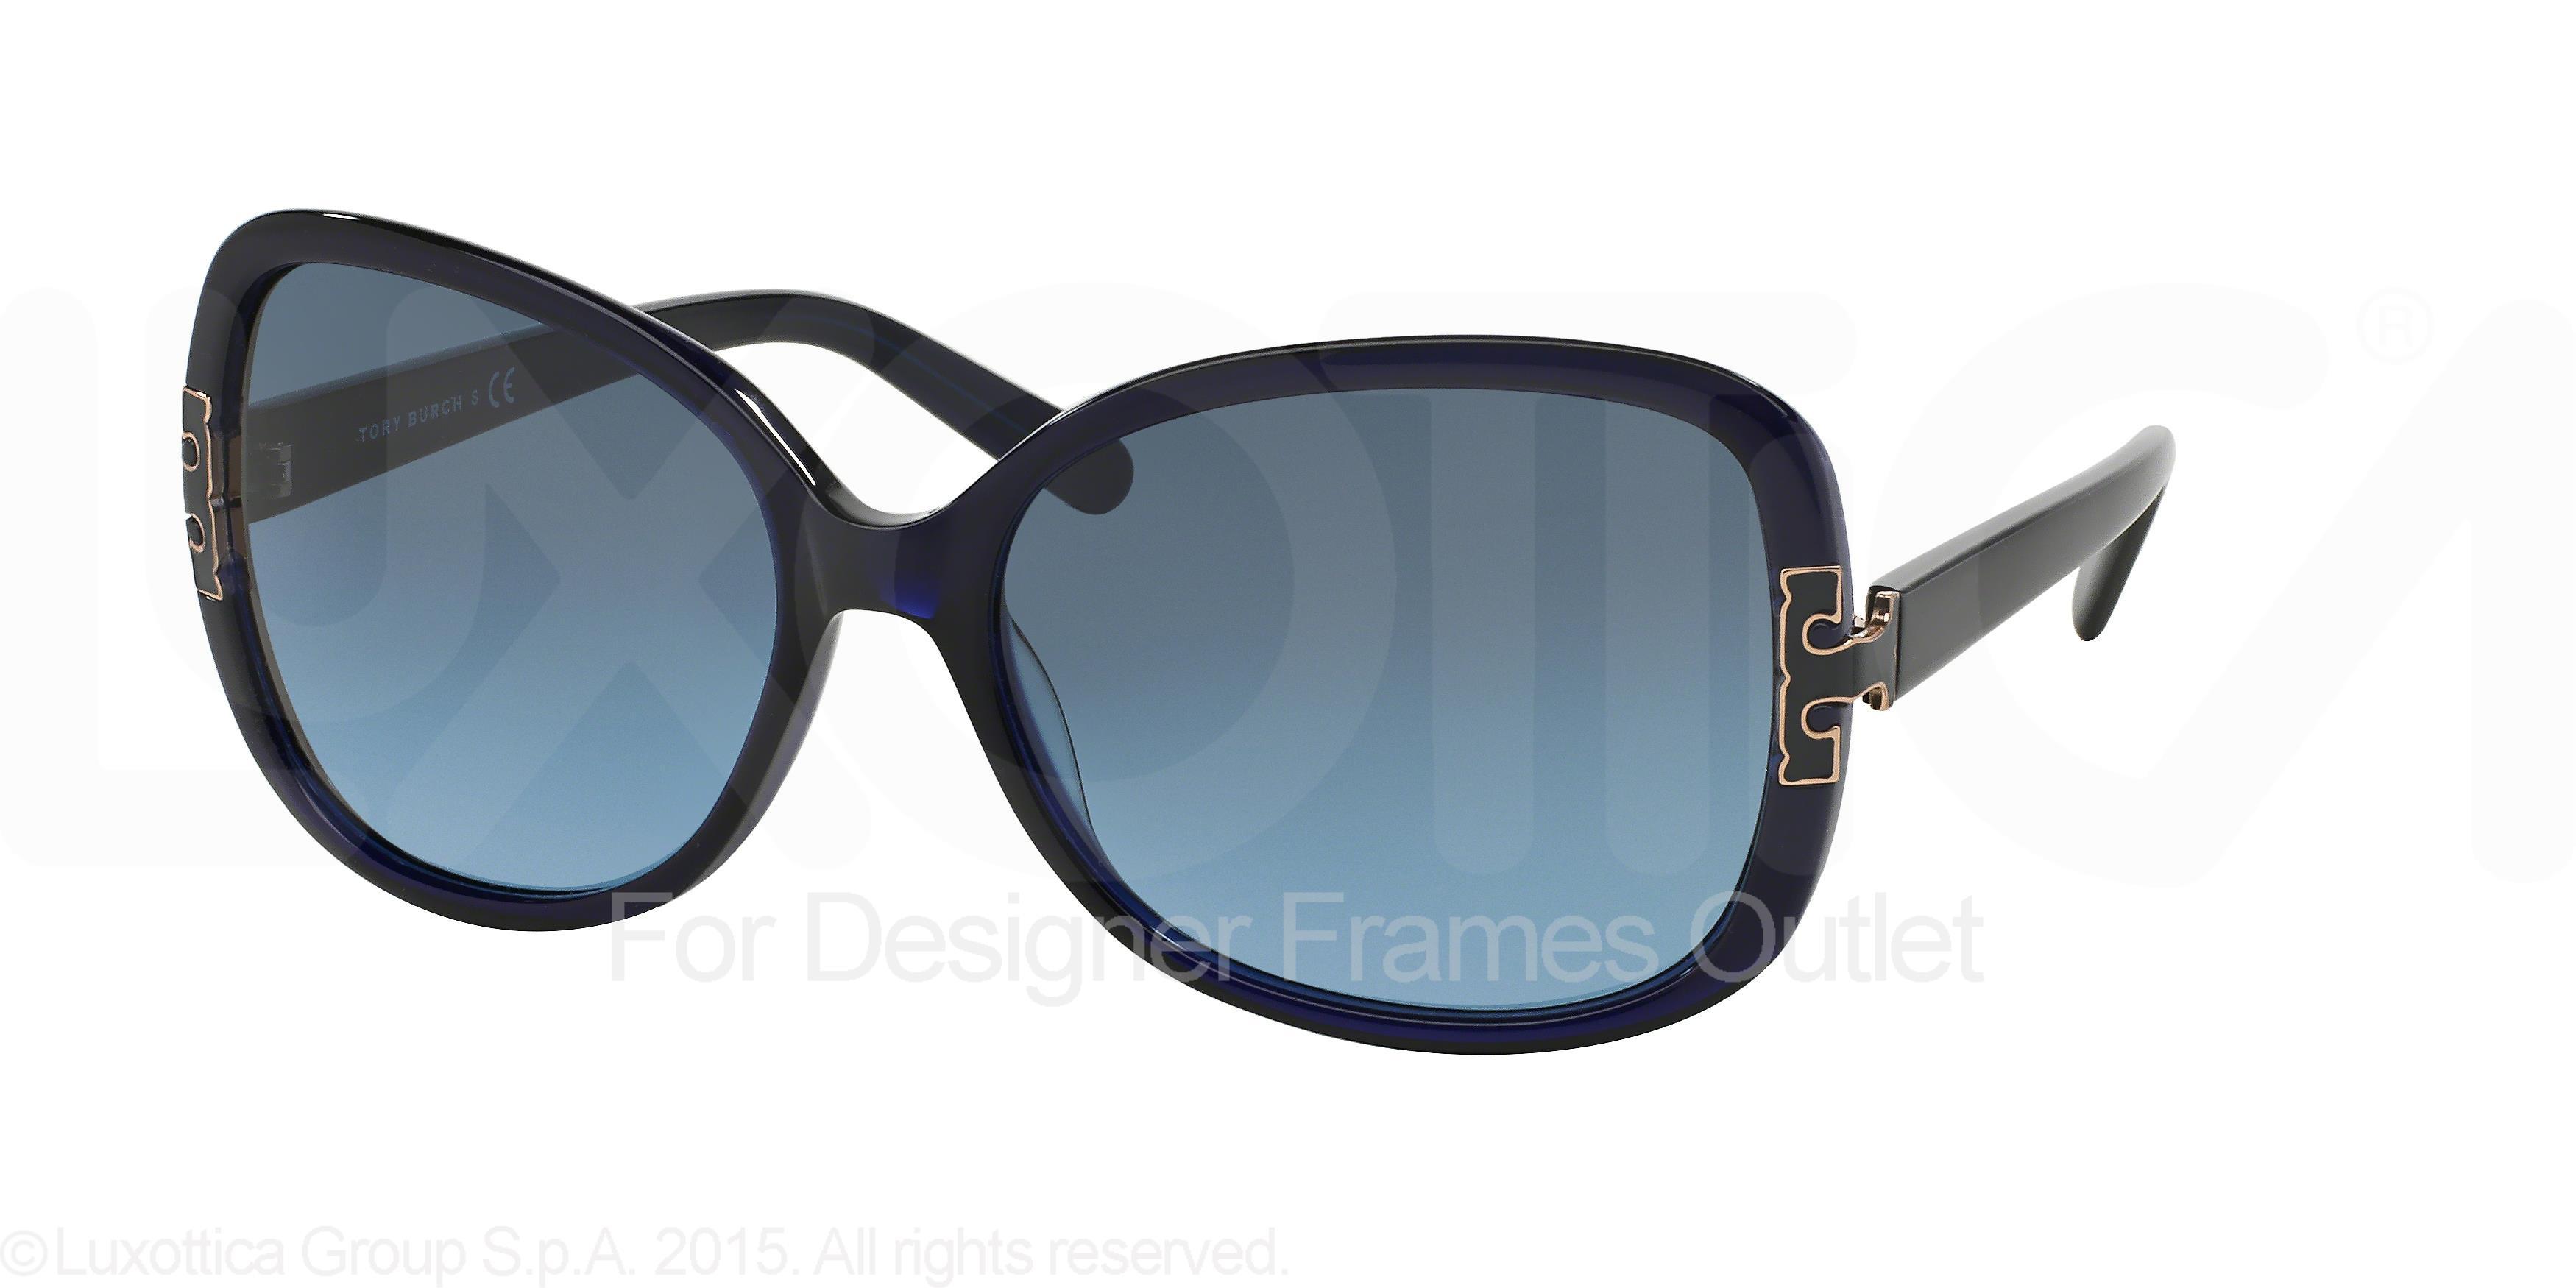 b437020496b0 Tory Burch - TORY BURCH Sunglasses TY 7022 511/17 Navy 59MM - Walmart.com